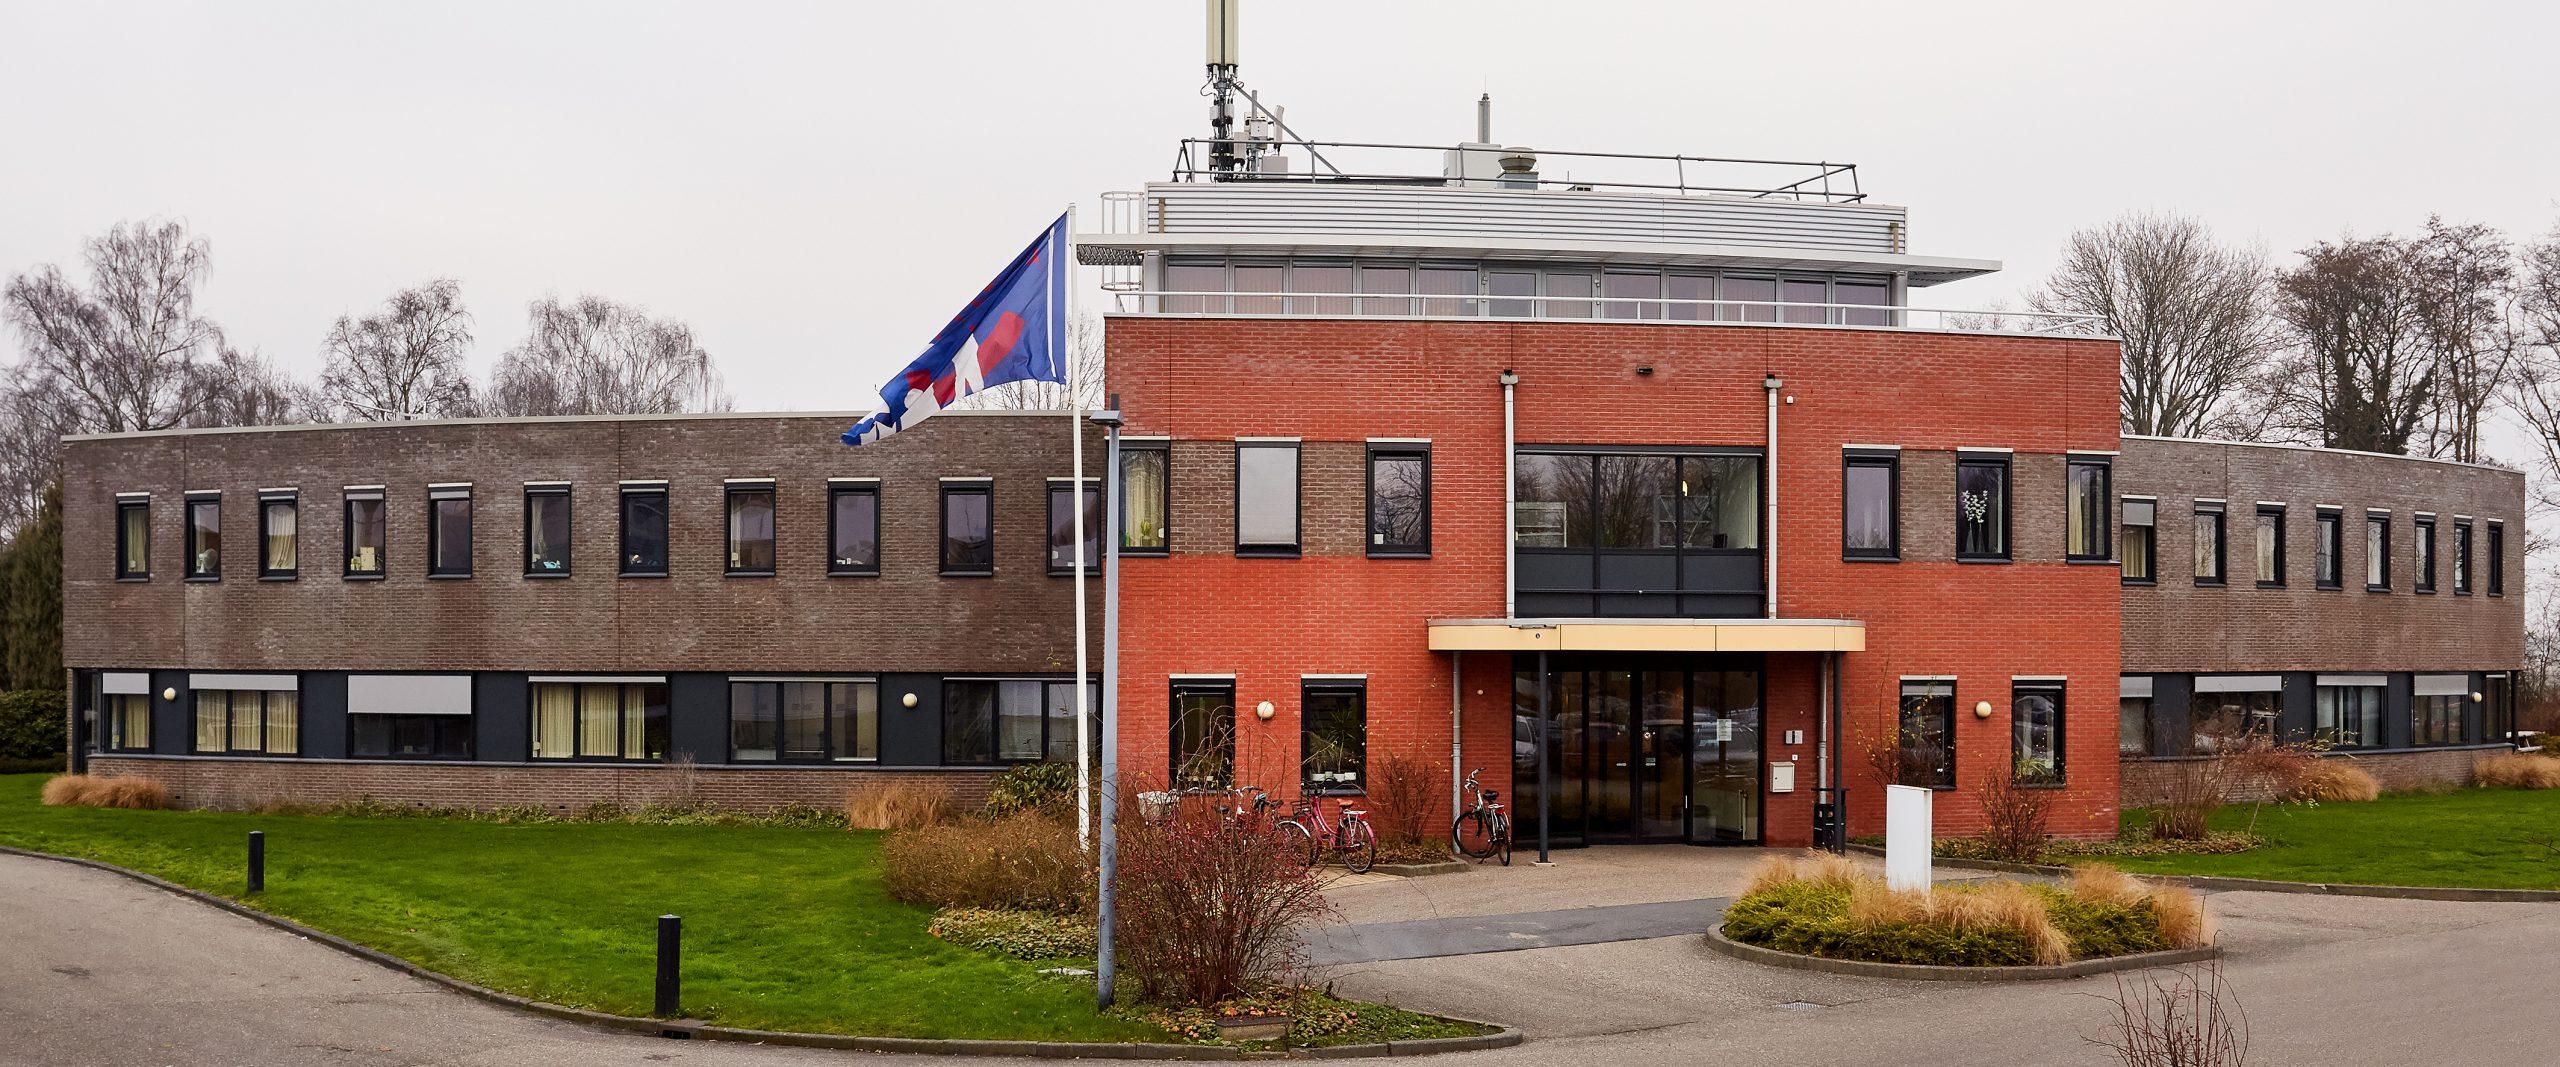 Jonx Stadskanaal voorkant gebouw